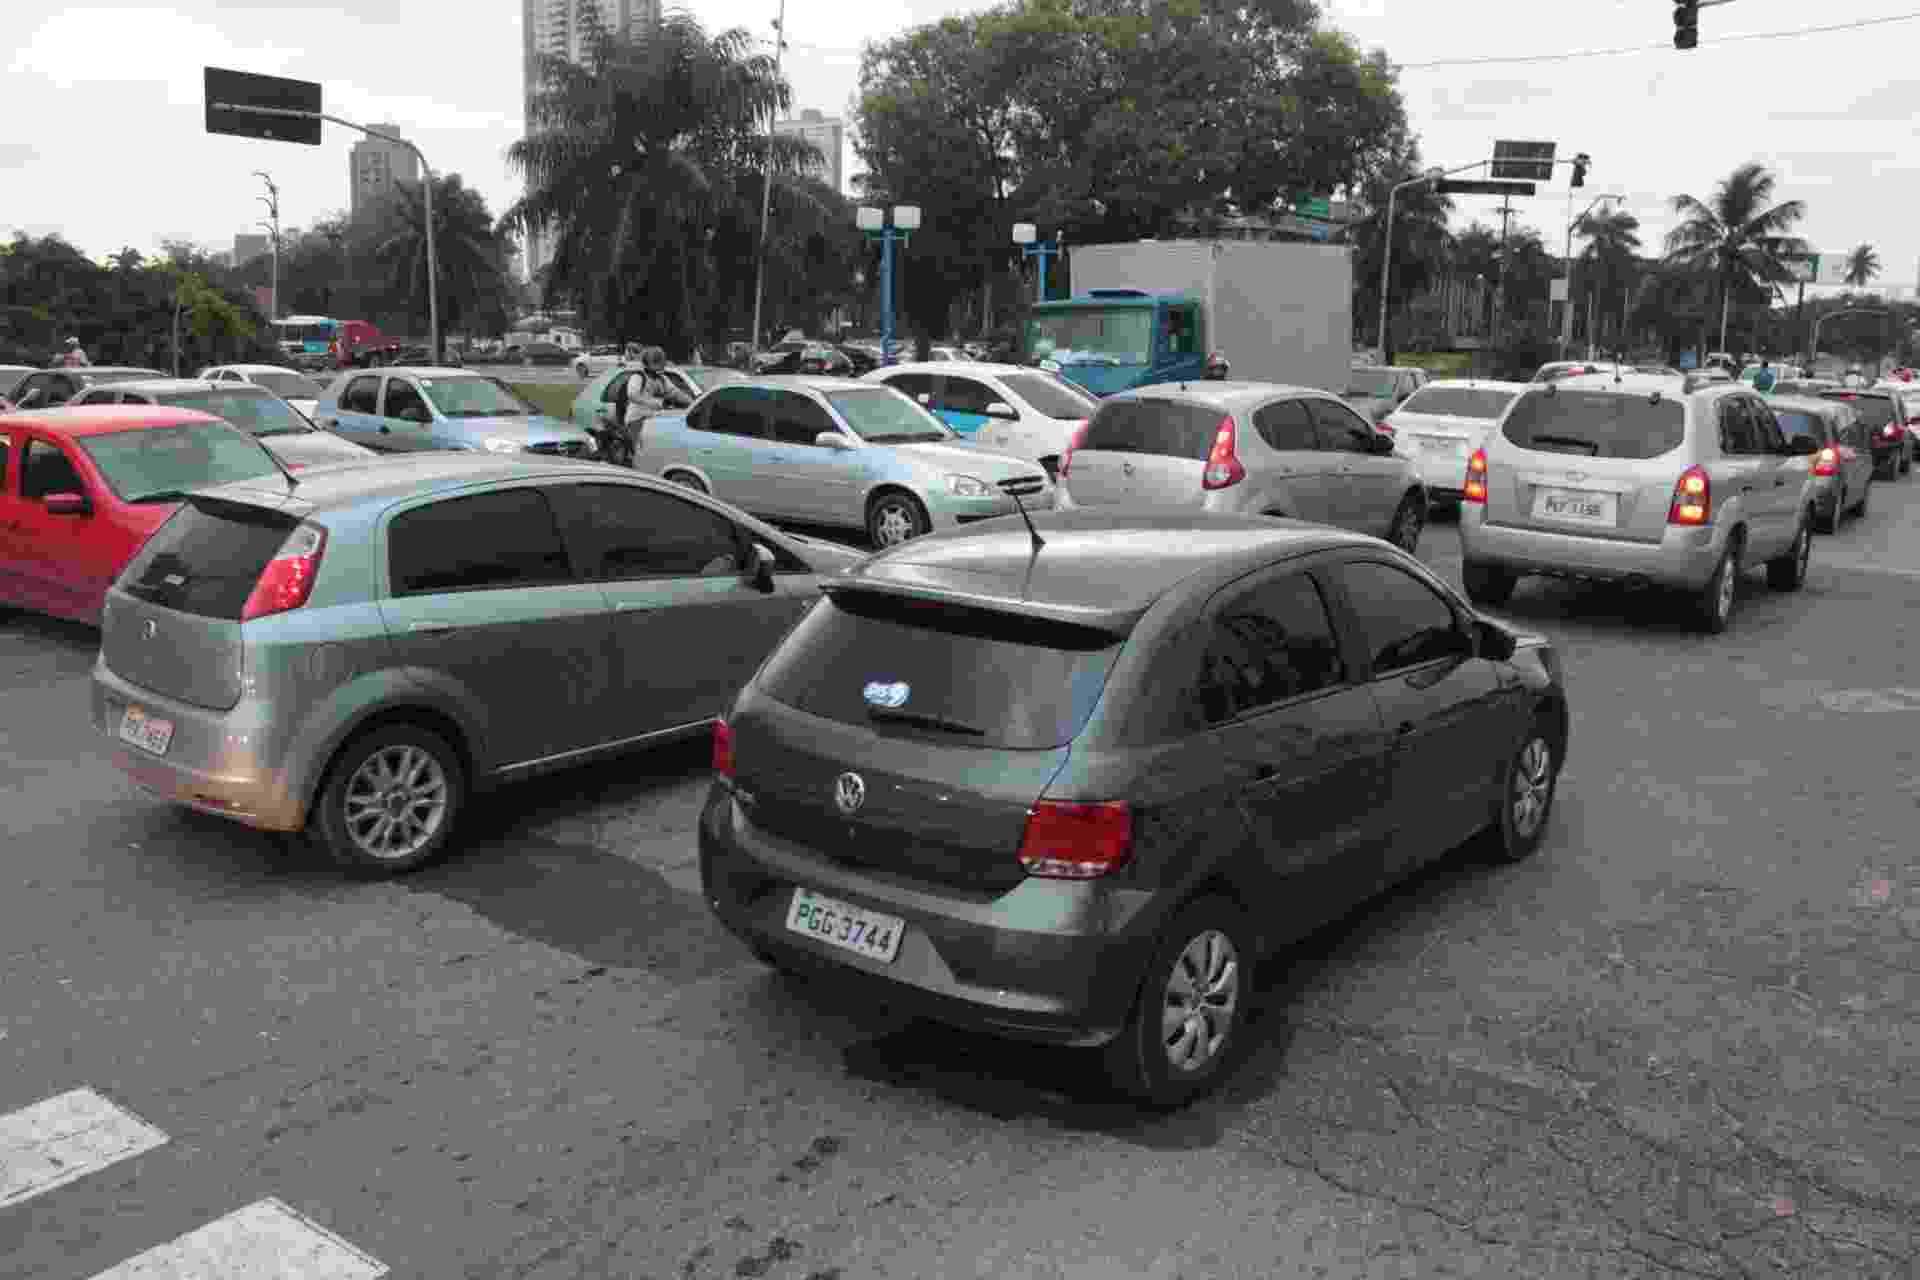 28.ago.2013 - Apagão que atingiu toda a região Nordeste comprometeu o funcionamento dos semáforos em diversas vias do Recife, complicando o trânsito na tarde desta quarta-feira (28) - Luiz Fabiano/Futura Press